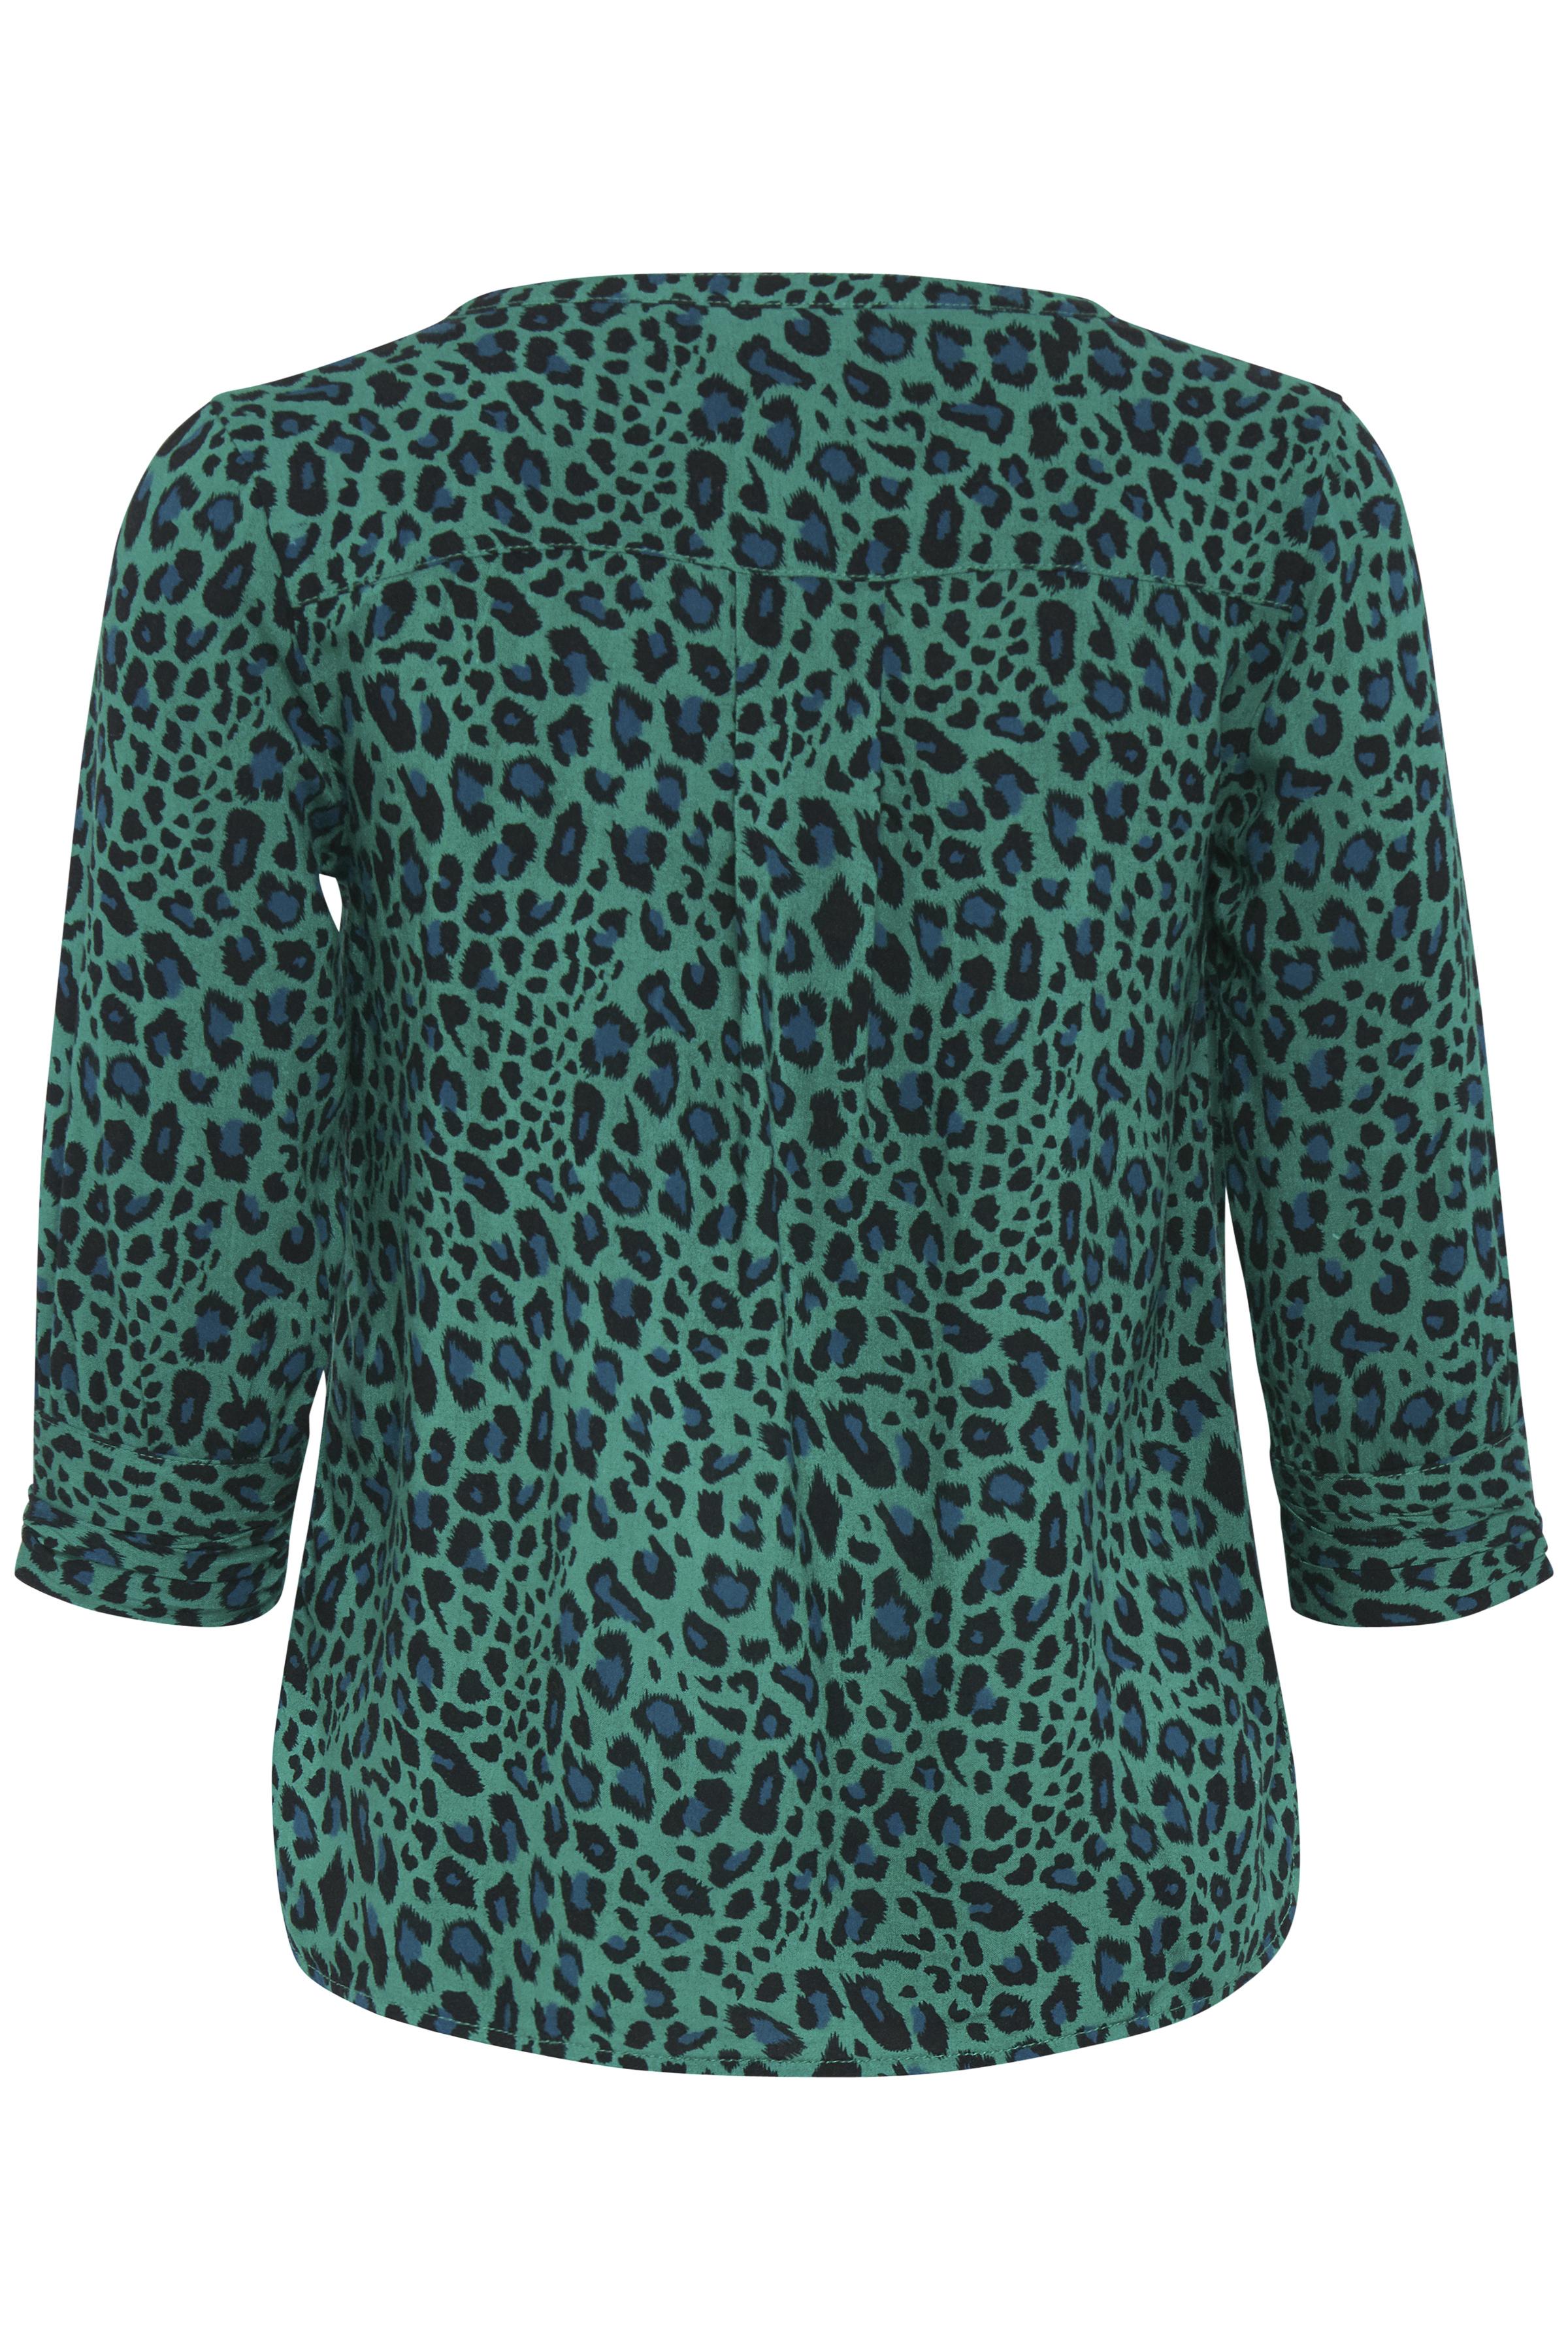 Turkisgrøn/sort Langærmet bluse fra Fransa – Køb Turkisgrøn/sort Langærmet bluse fra str. XS-XXL her